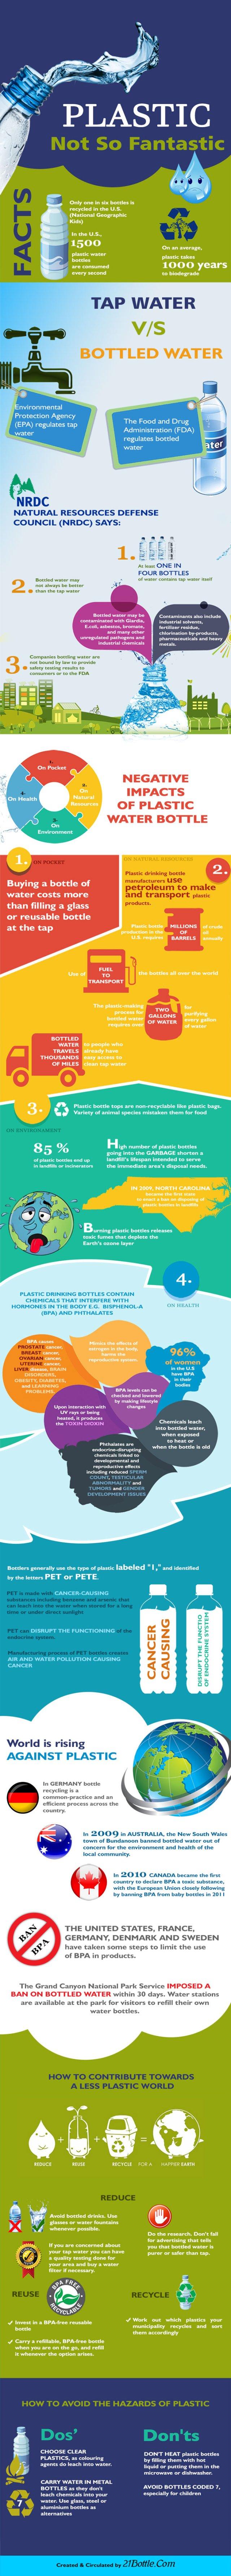 Infographic_hazards of plastic